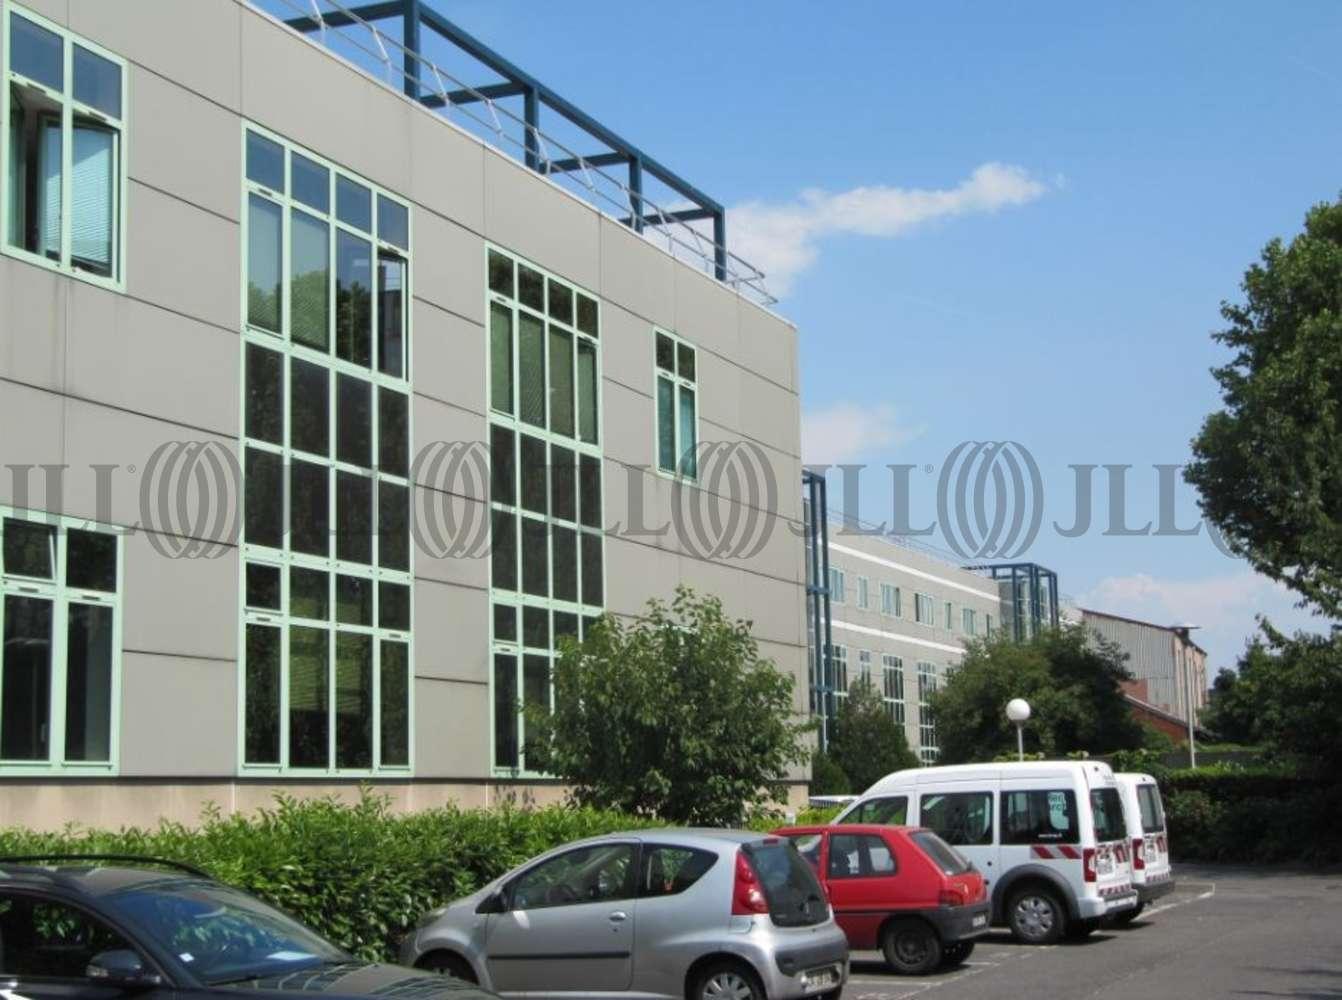 Activités/entrepôt Pantin, 93500 - PARC DELIZY - 9449667